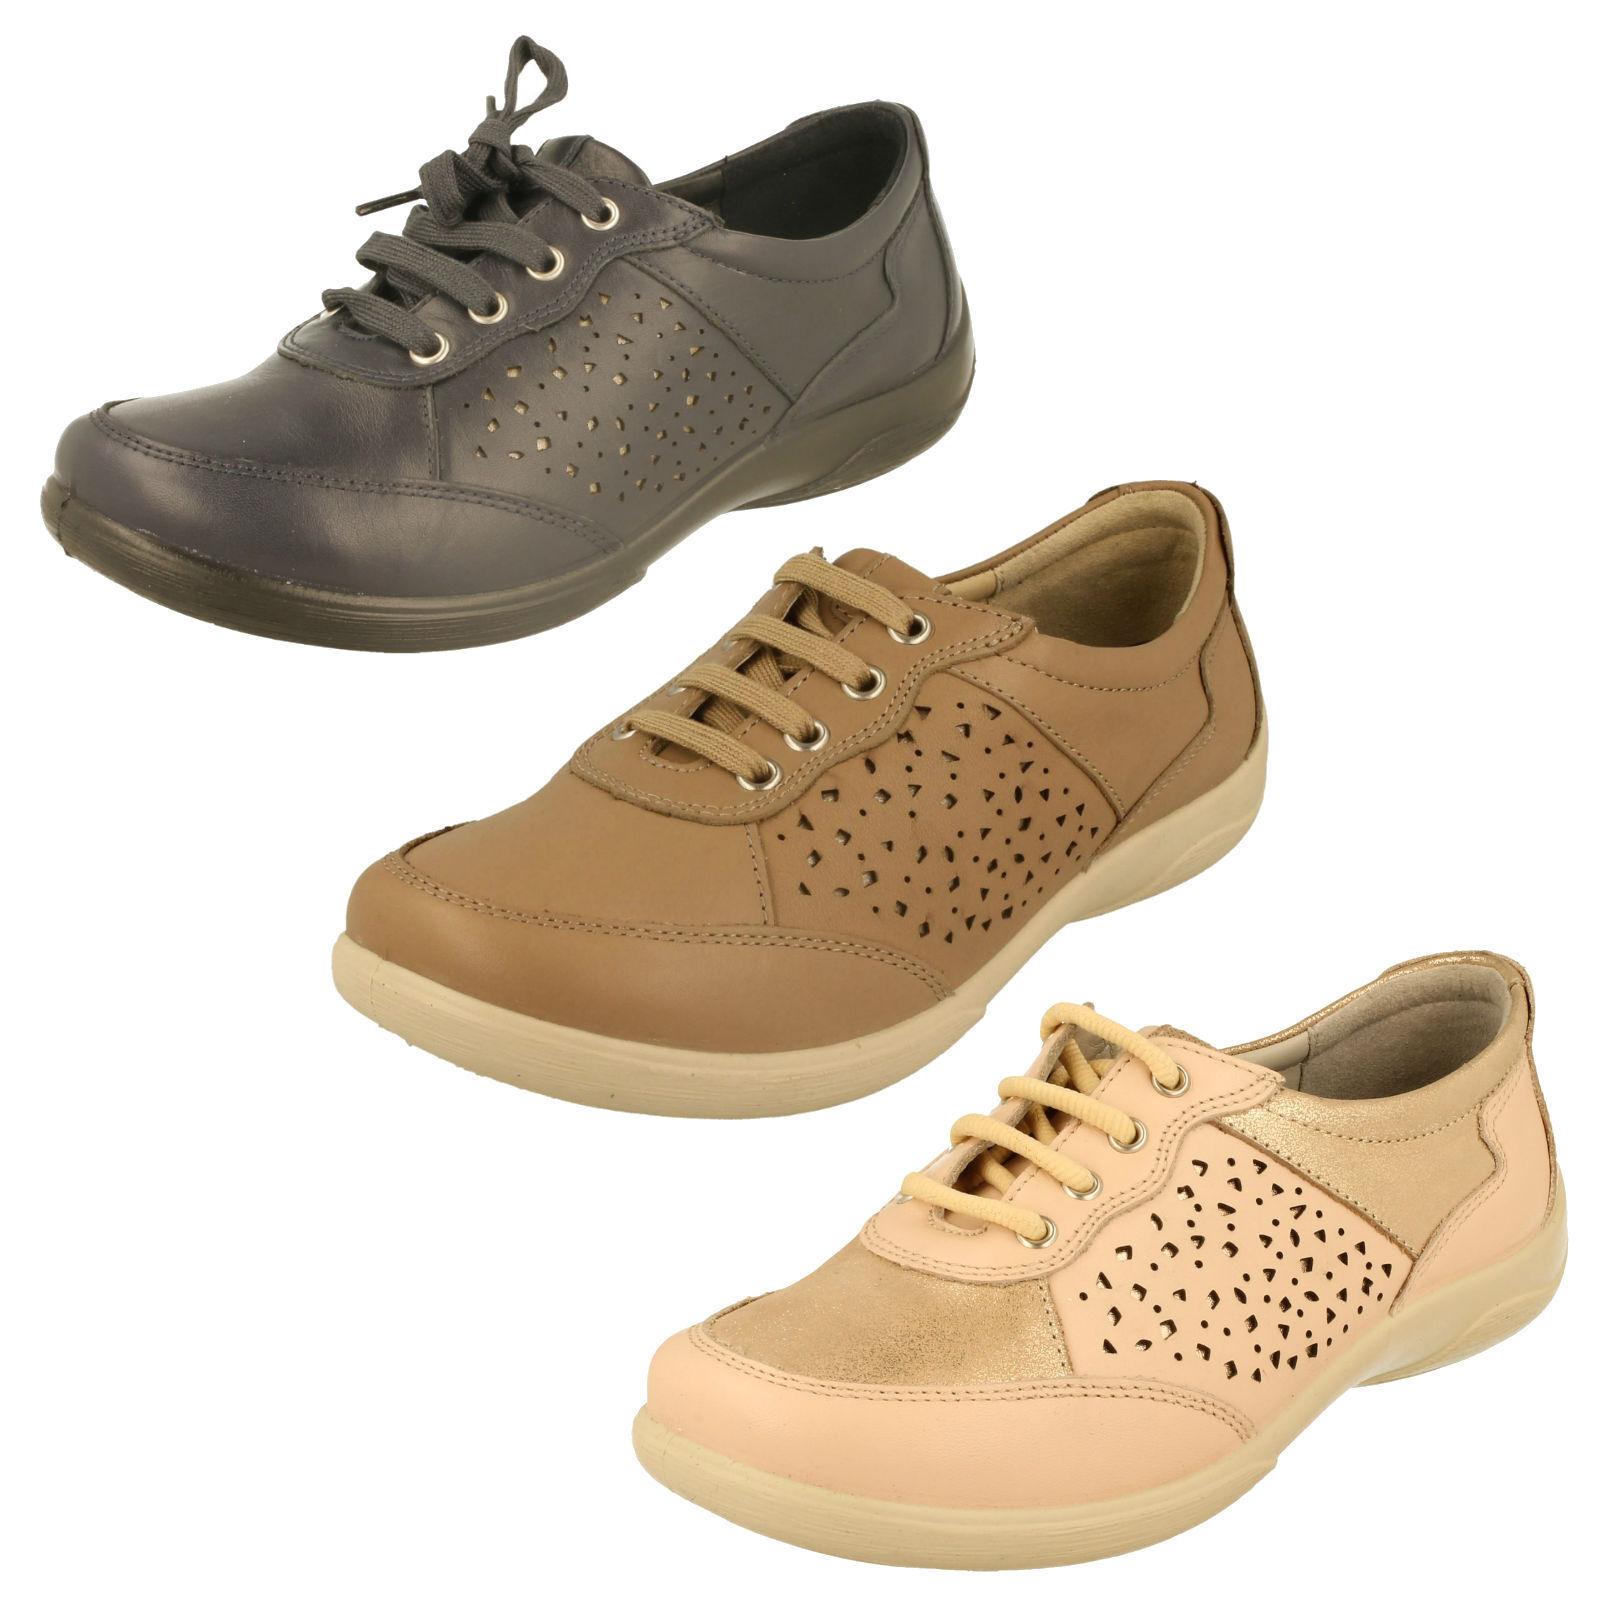 Damas Padders Con Cordones Zapatos-Arpa Zapatos-Arpa Zapatos-Arpa e2f23b